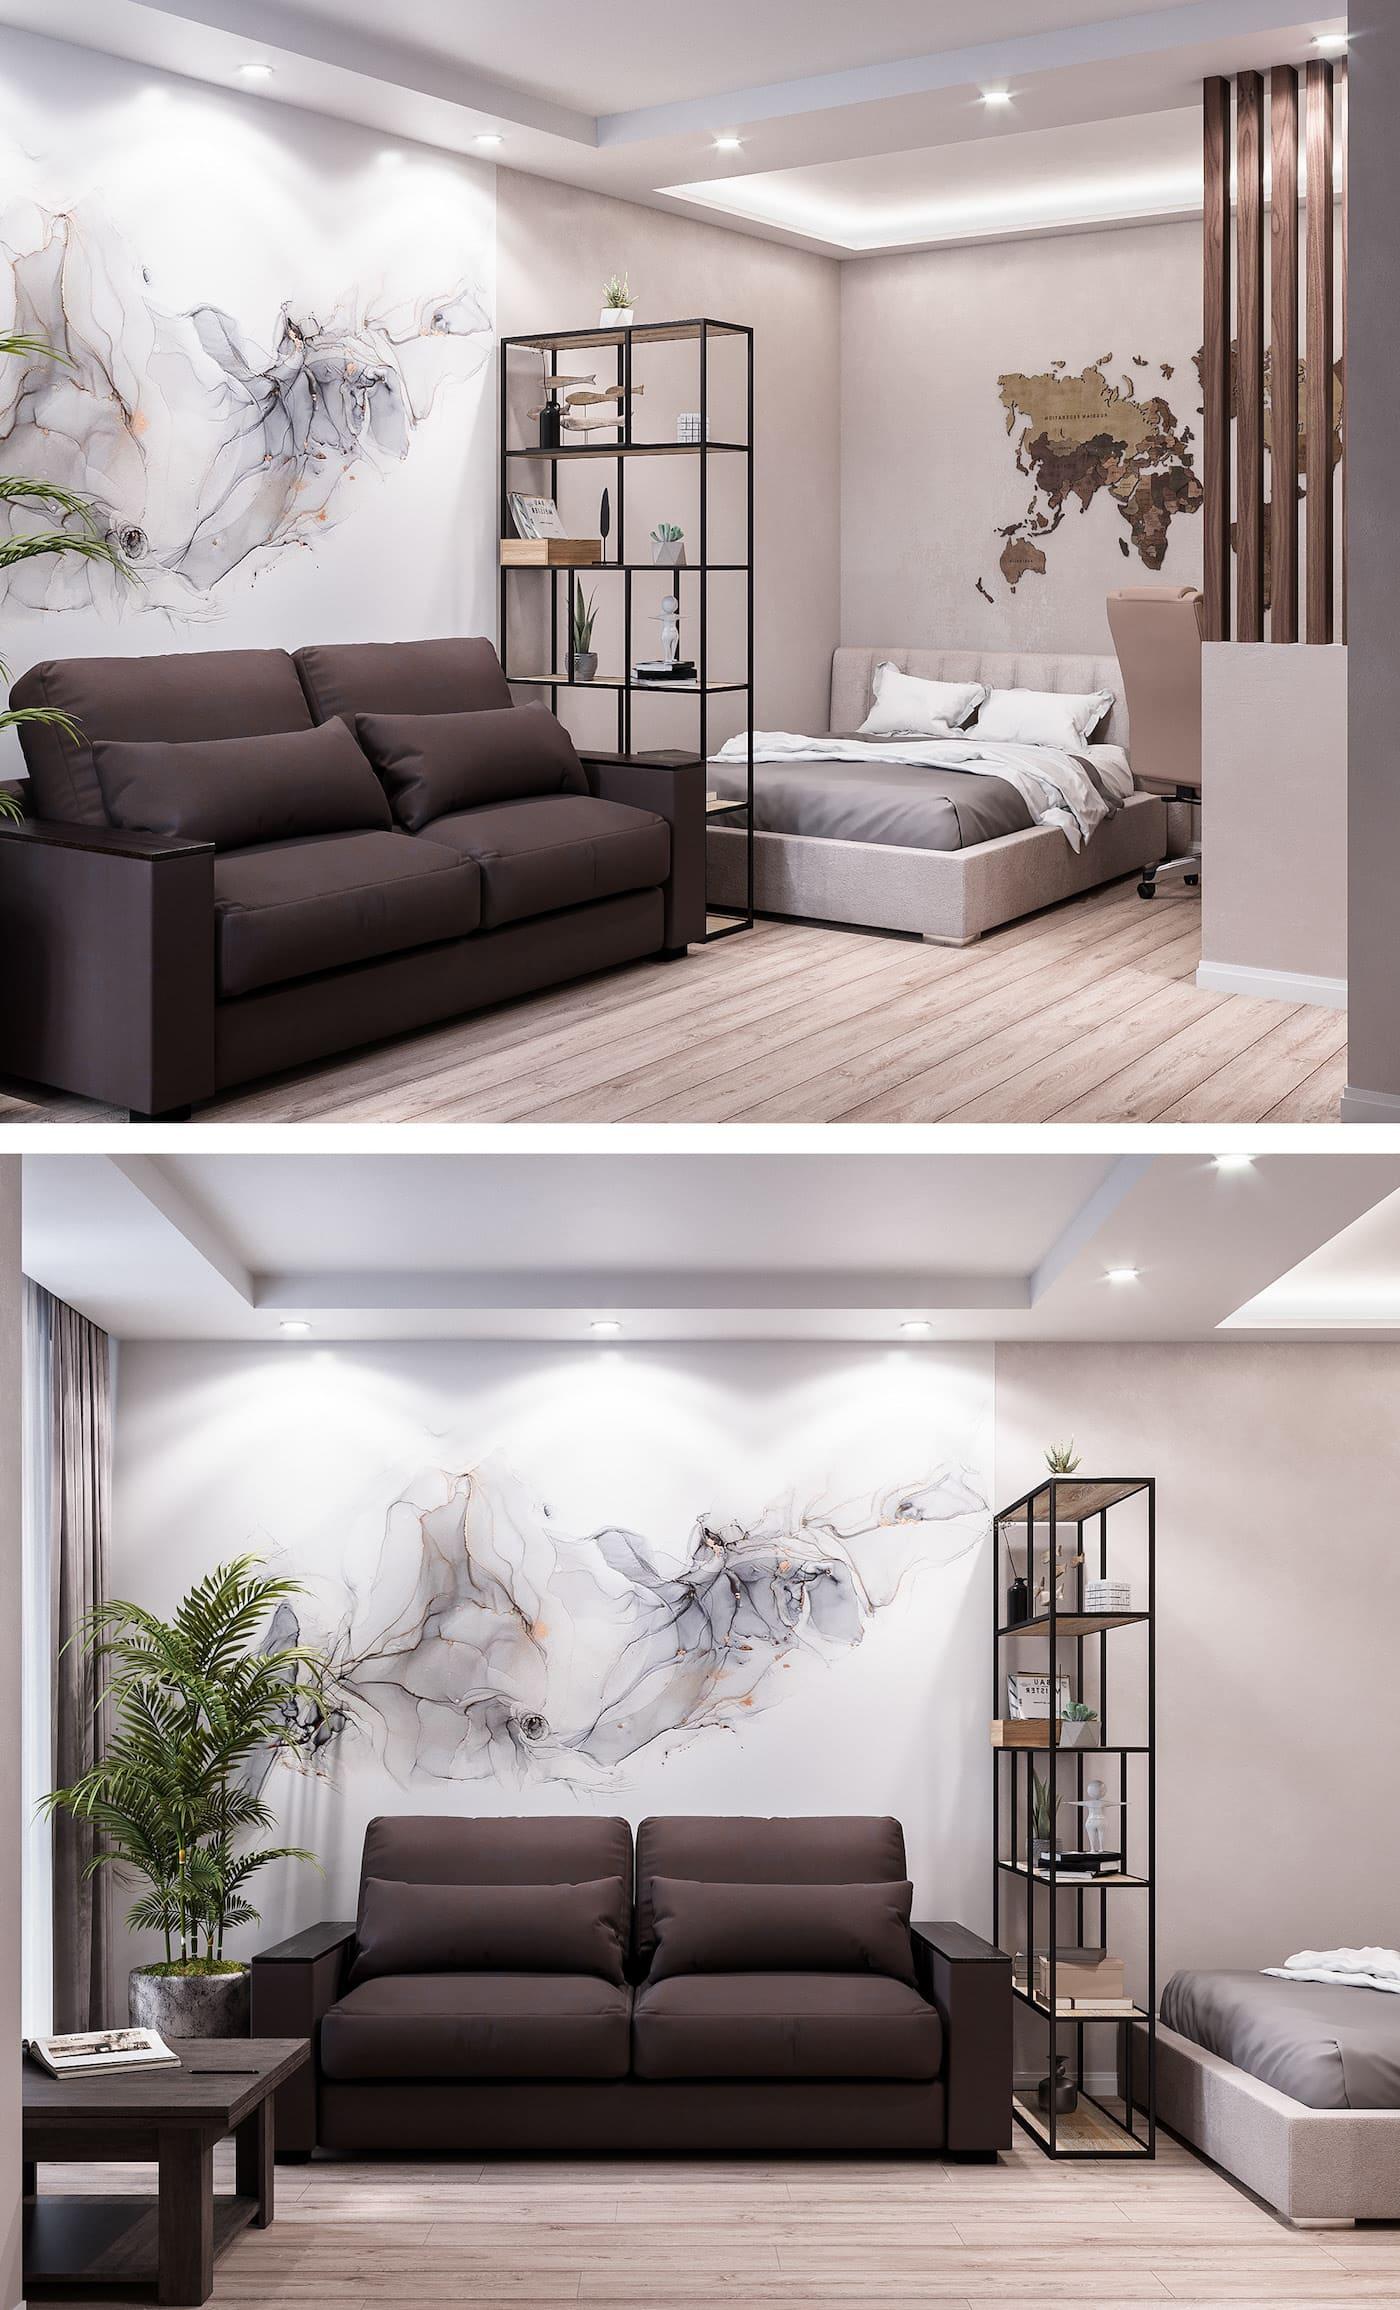 Conception d'un appartement à une chambre à coucher photo 22